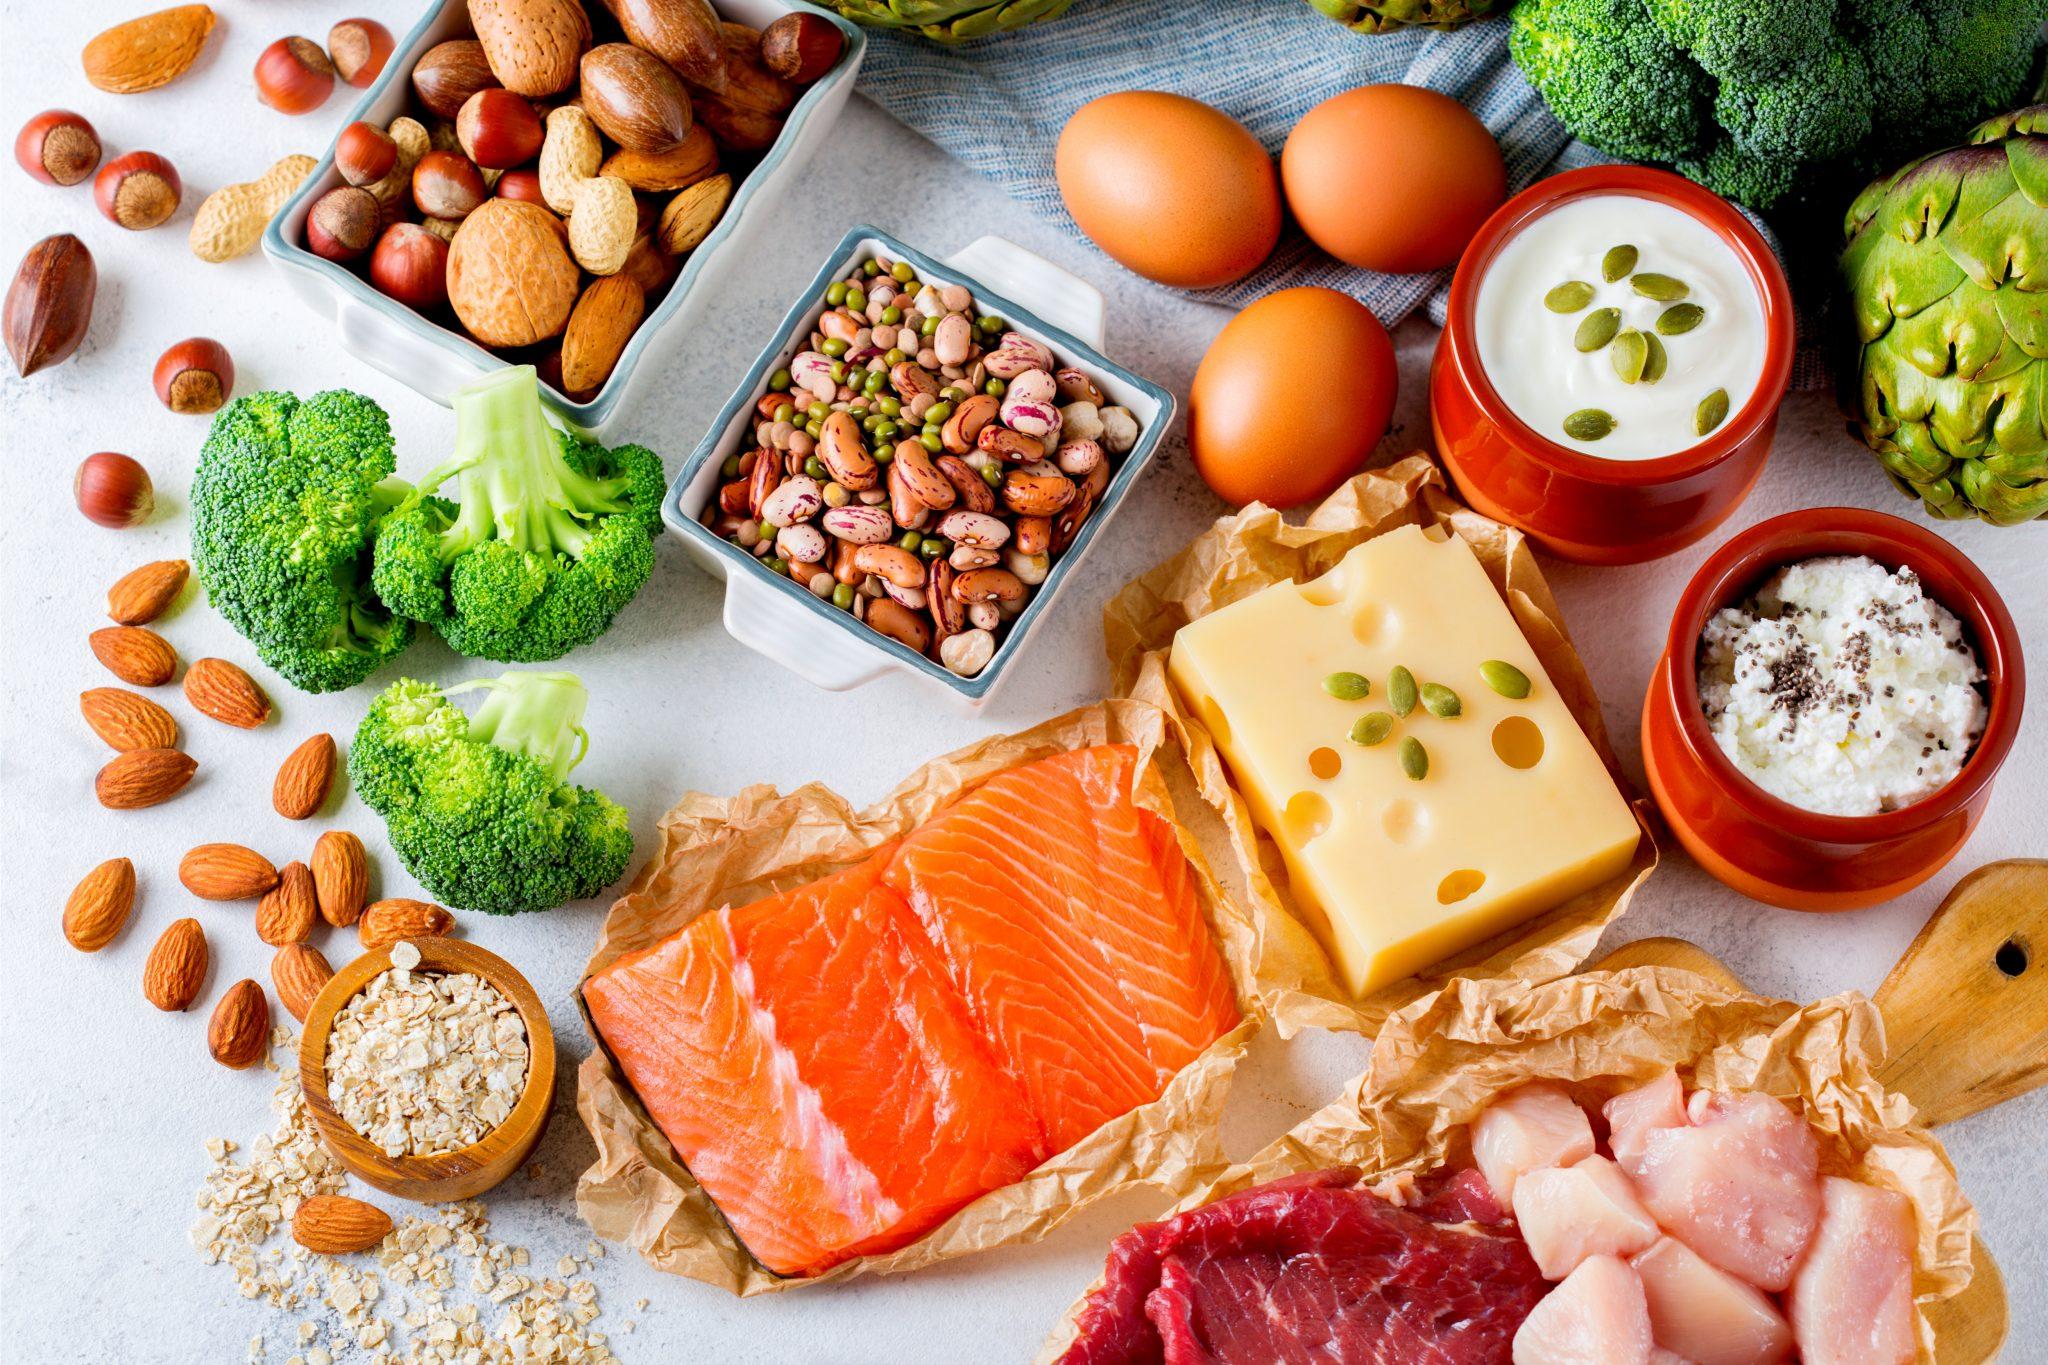 タンパク質を多く含む食品と食べ物一覧